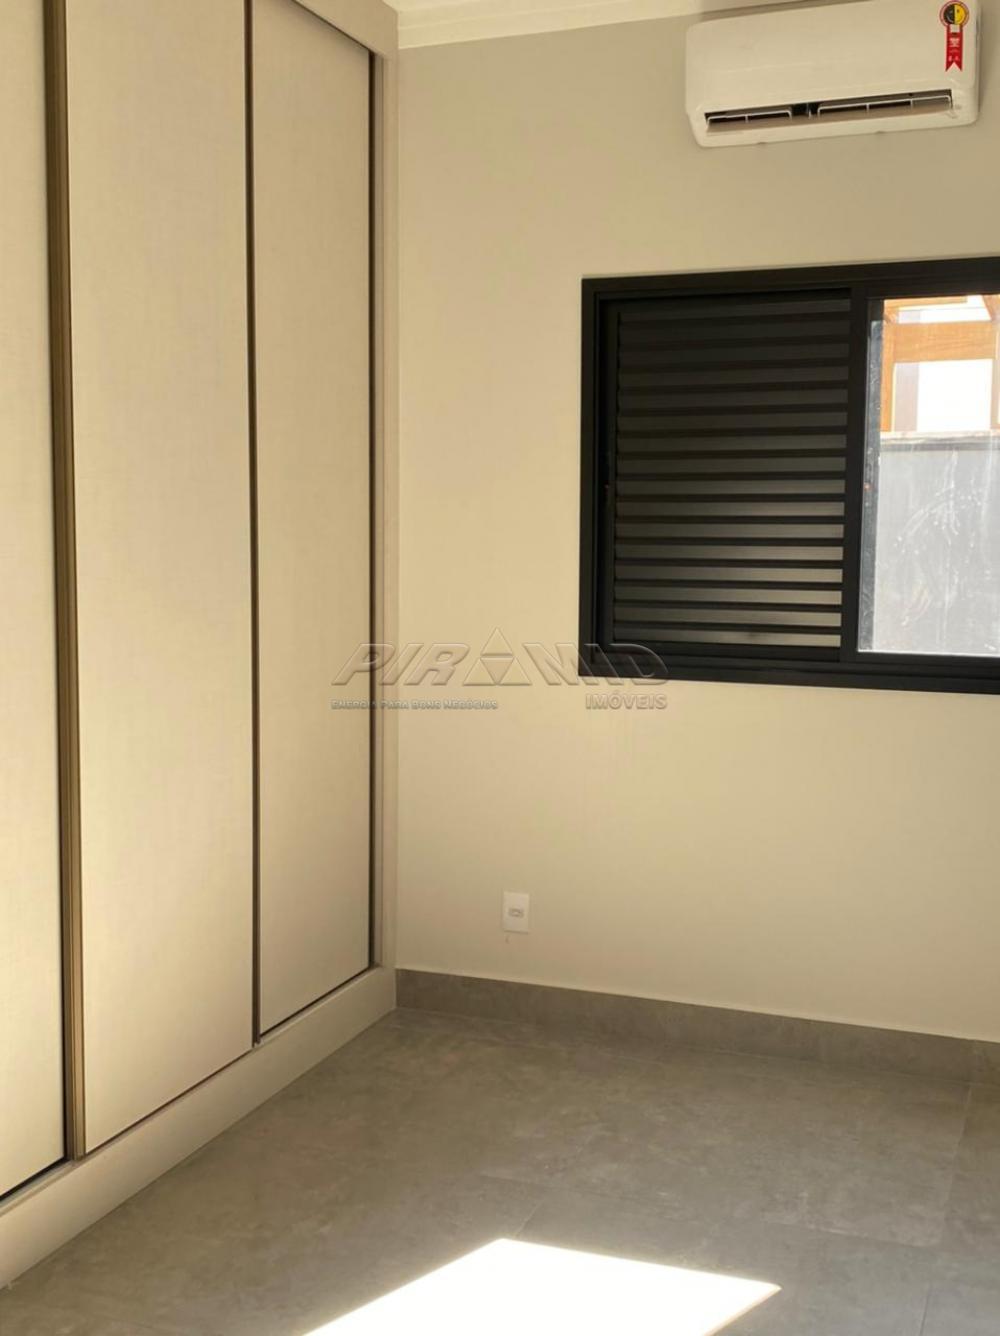 Comprar Casa / Condomínio em Ribeirão Preto R$ 1.200.000,00 - Foto 8